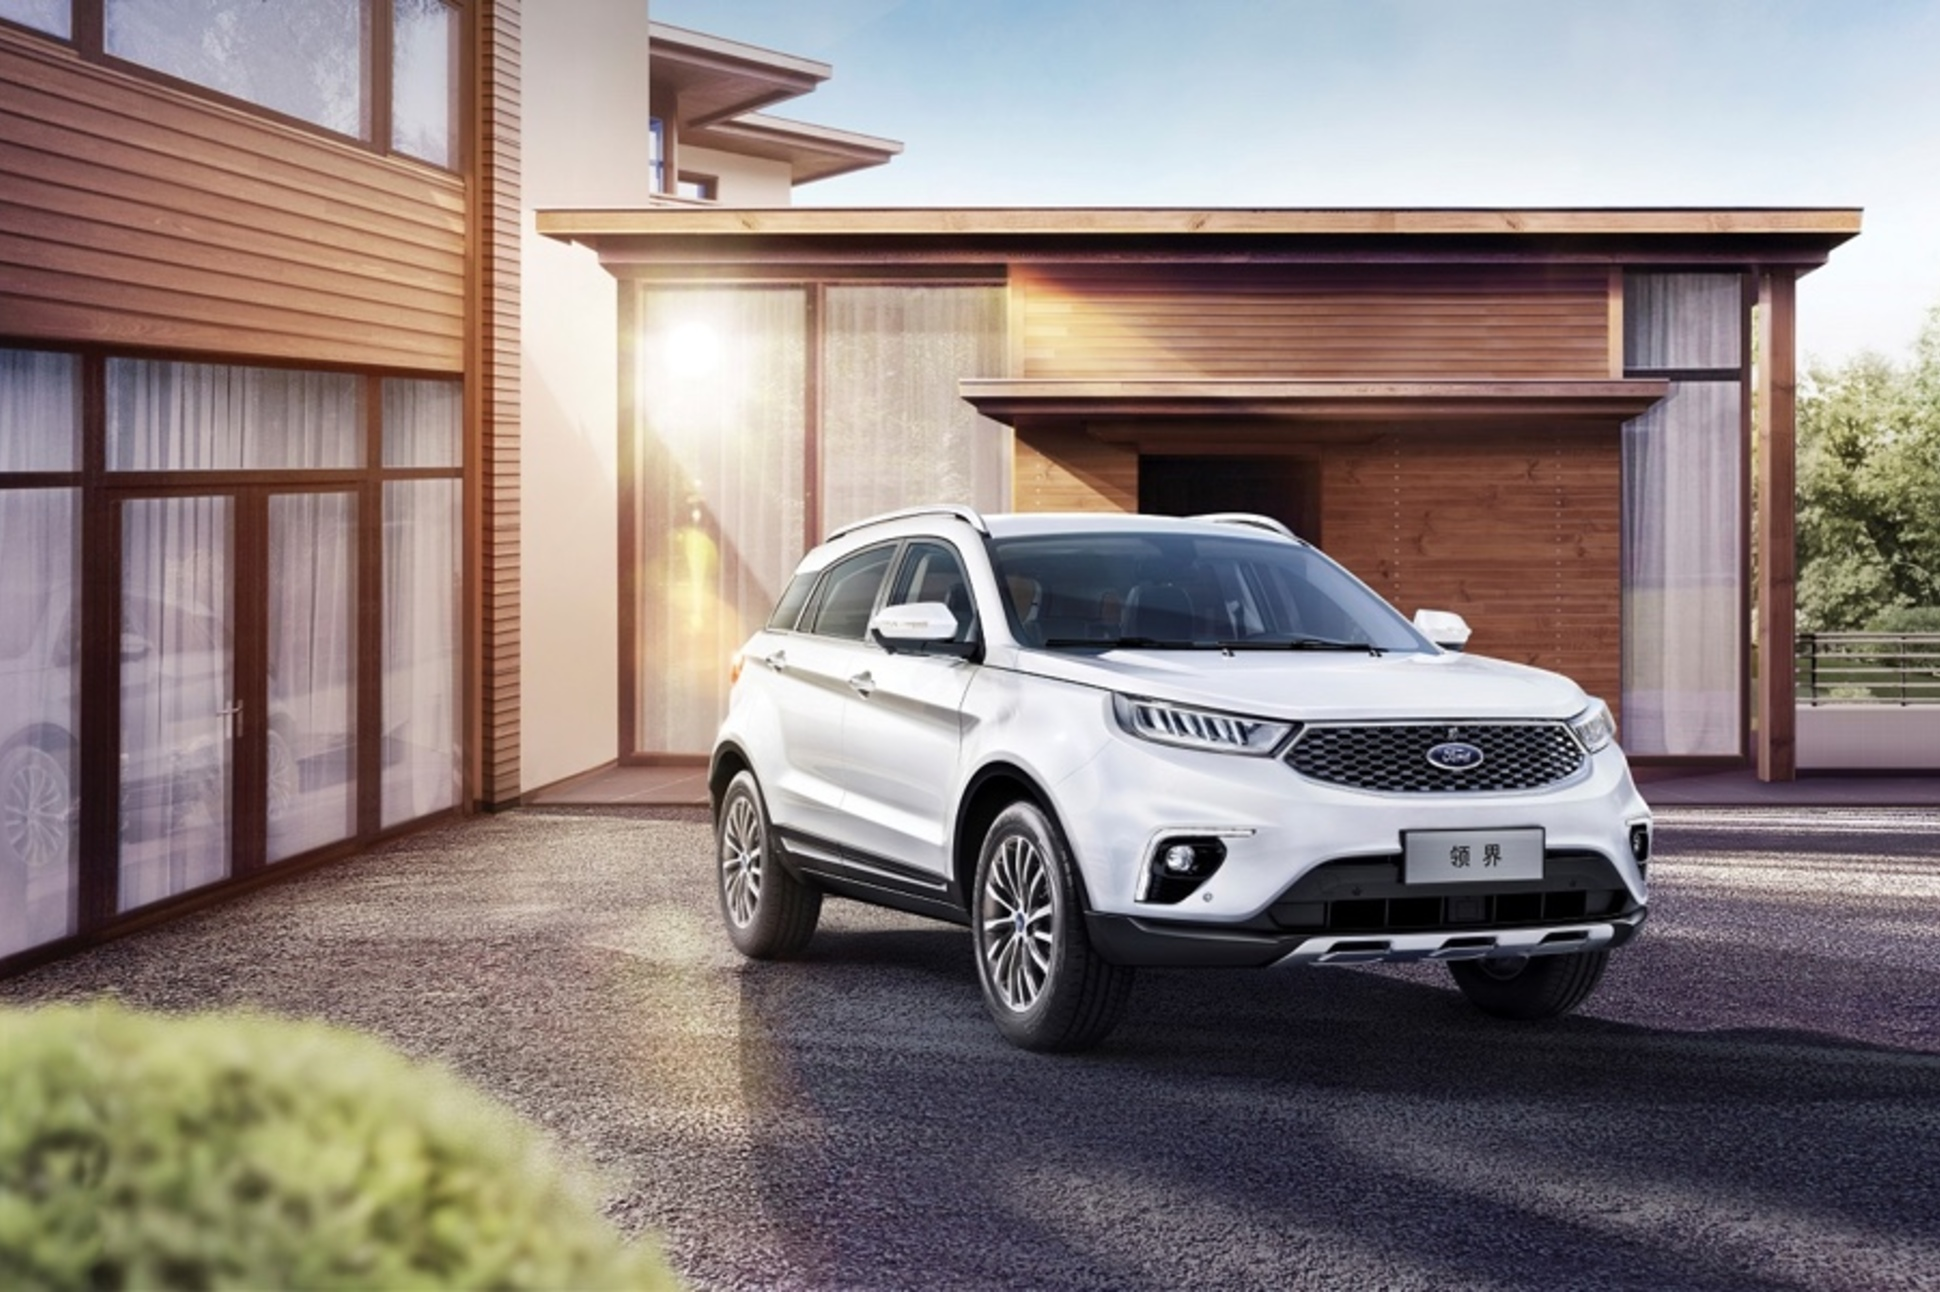 Novedades 2020: los nuevos SUV que llegarán al mercado local | Garantia Plus